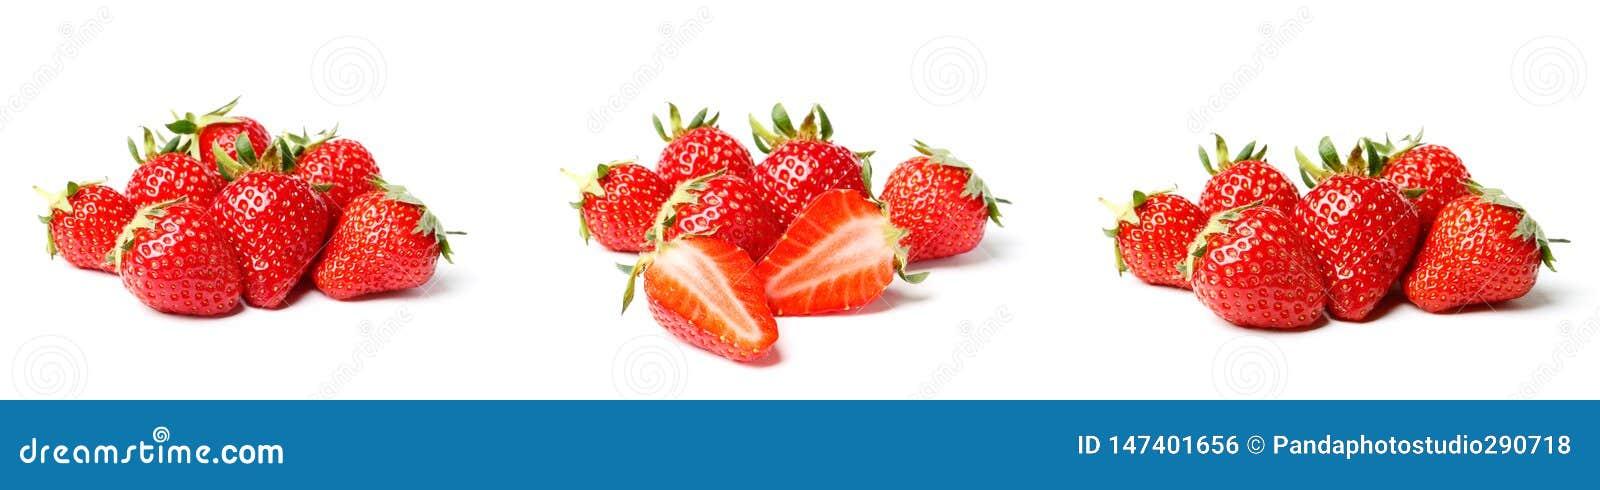 En upps?ttning av den nya jordgubben som isoleras p? vit bakgrund